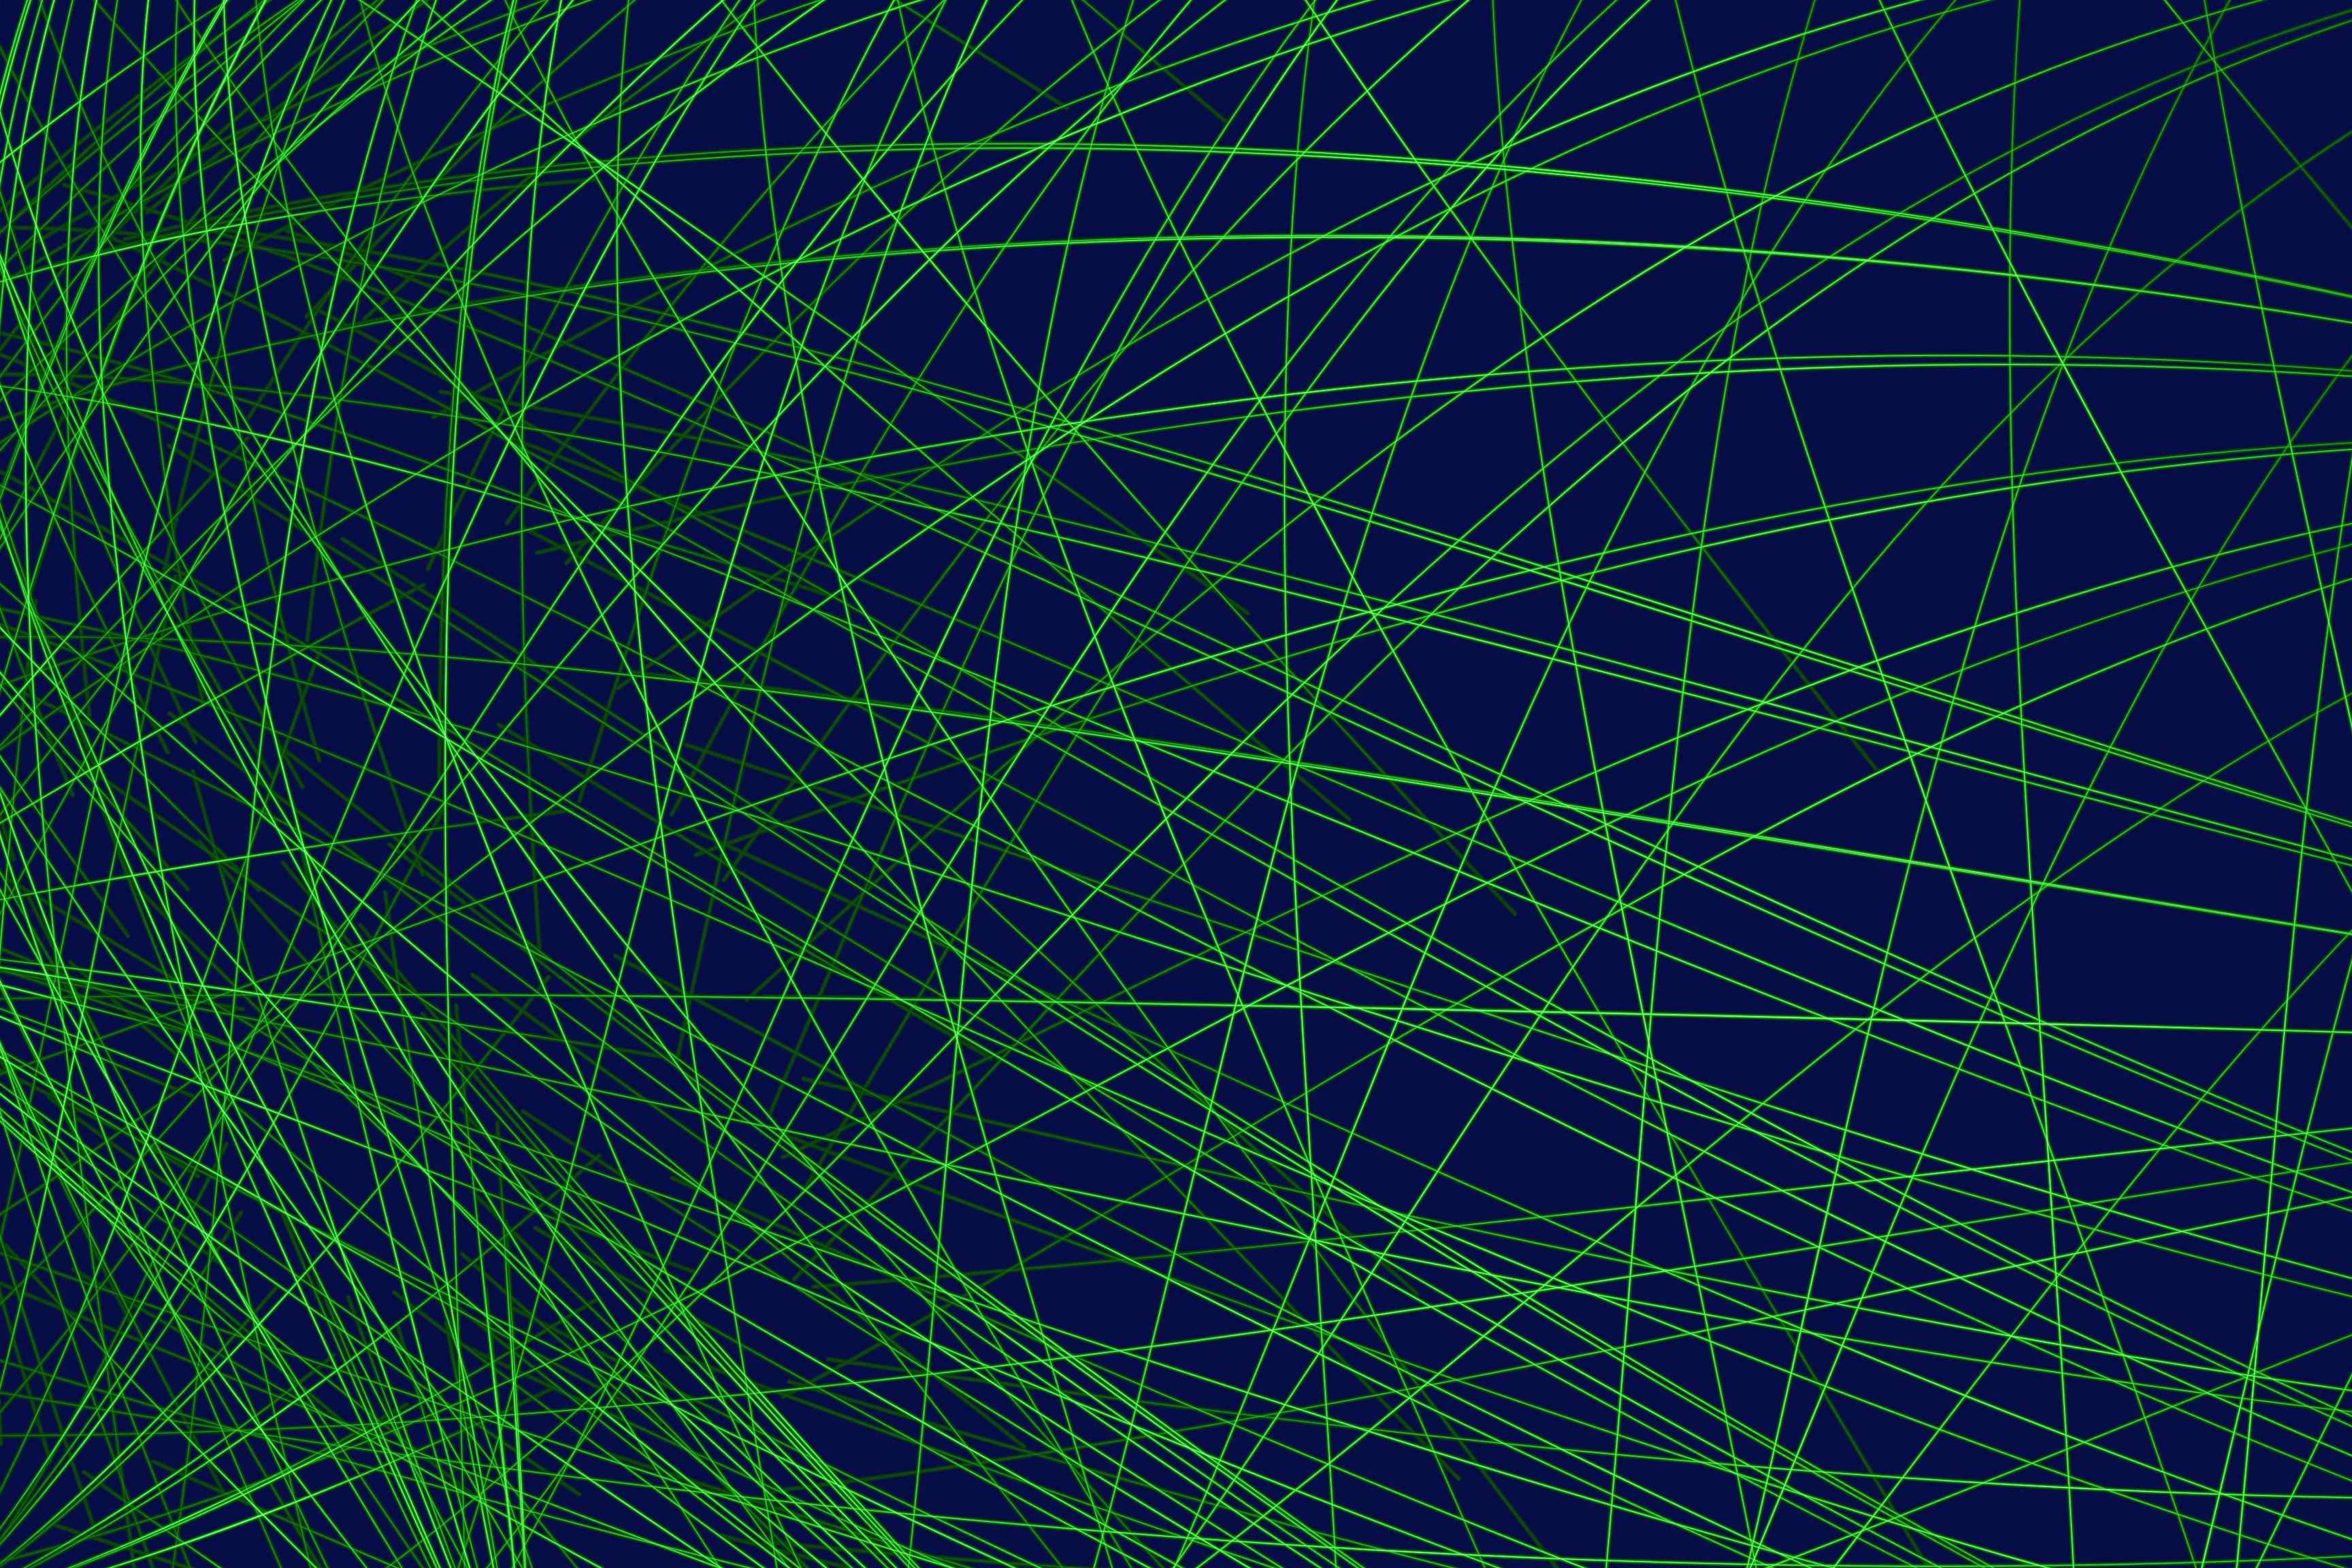 109867 скачать обои Текстуры, Зеленый, Сплетение, Геометрический, Нити, Сеть - заставки и картинки бесплатно